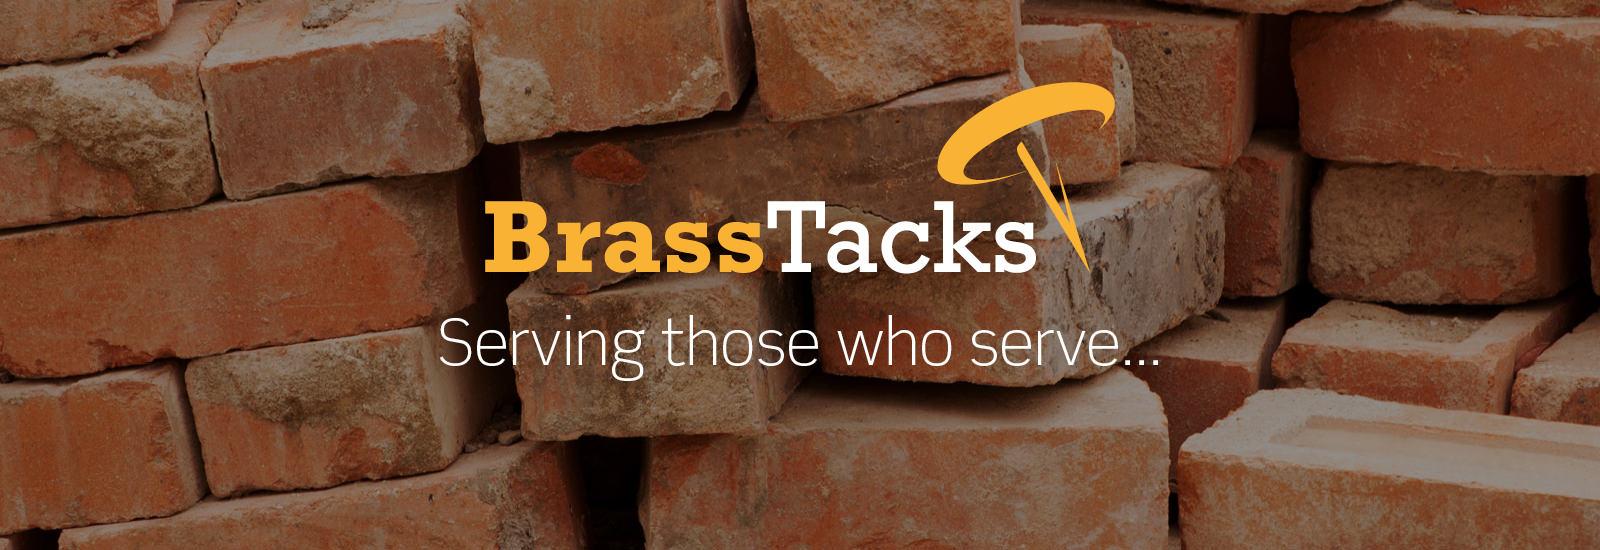 BrassTacks - Serving those who serve...